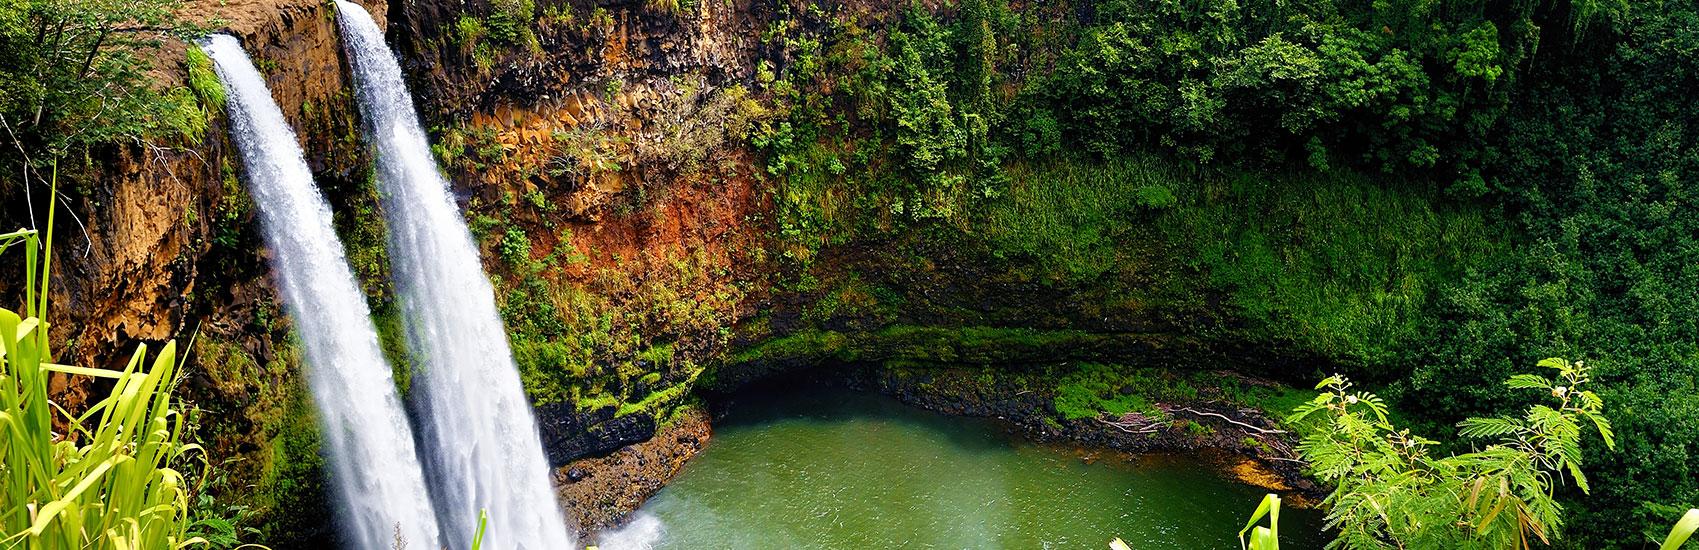 Économisez sur les voyages à Hawaï avec Pleasant Holidays 2